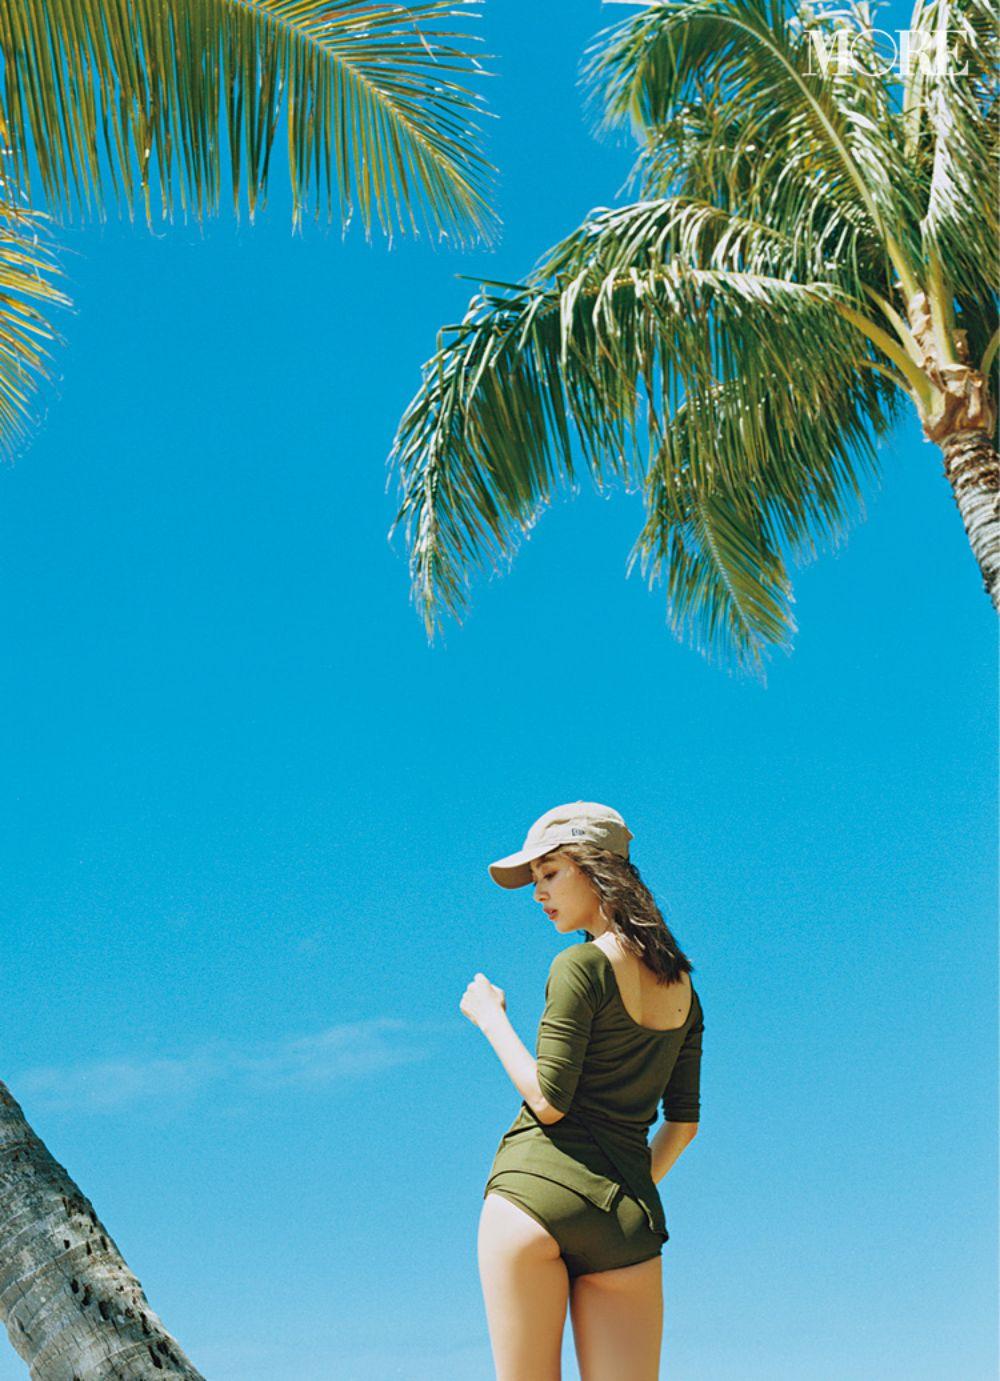 大人に似合うおしゃれな水着特集《2019年版》- ビキニ、ワンピースetc. 可愛いトレンド水着まとめ_4